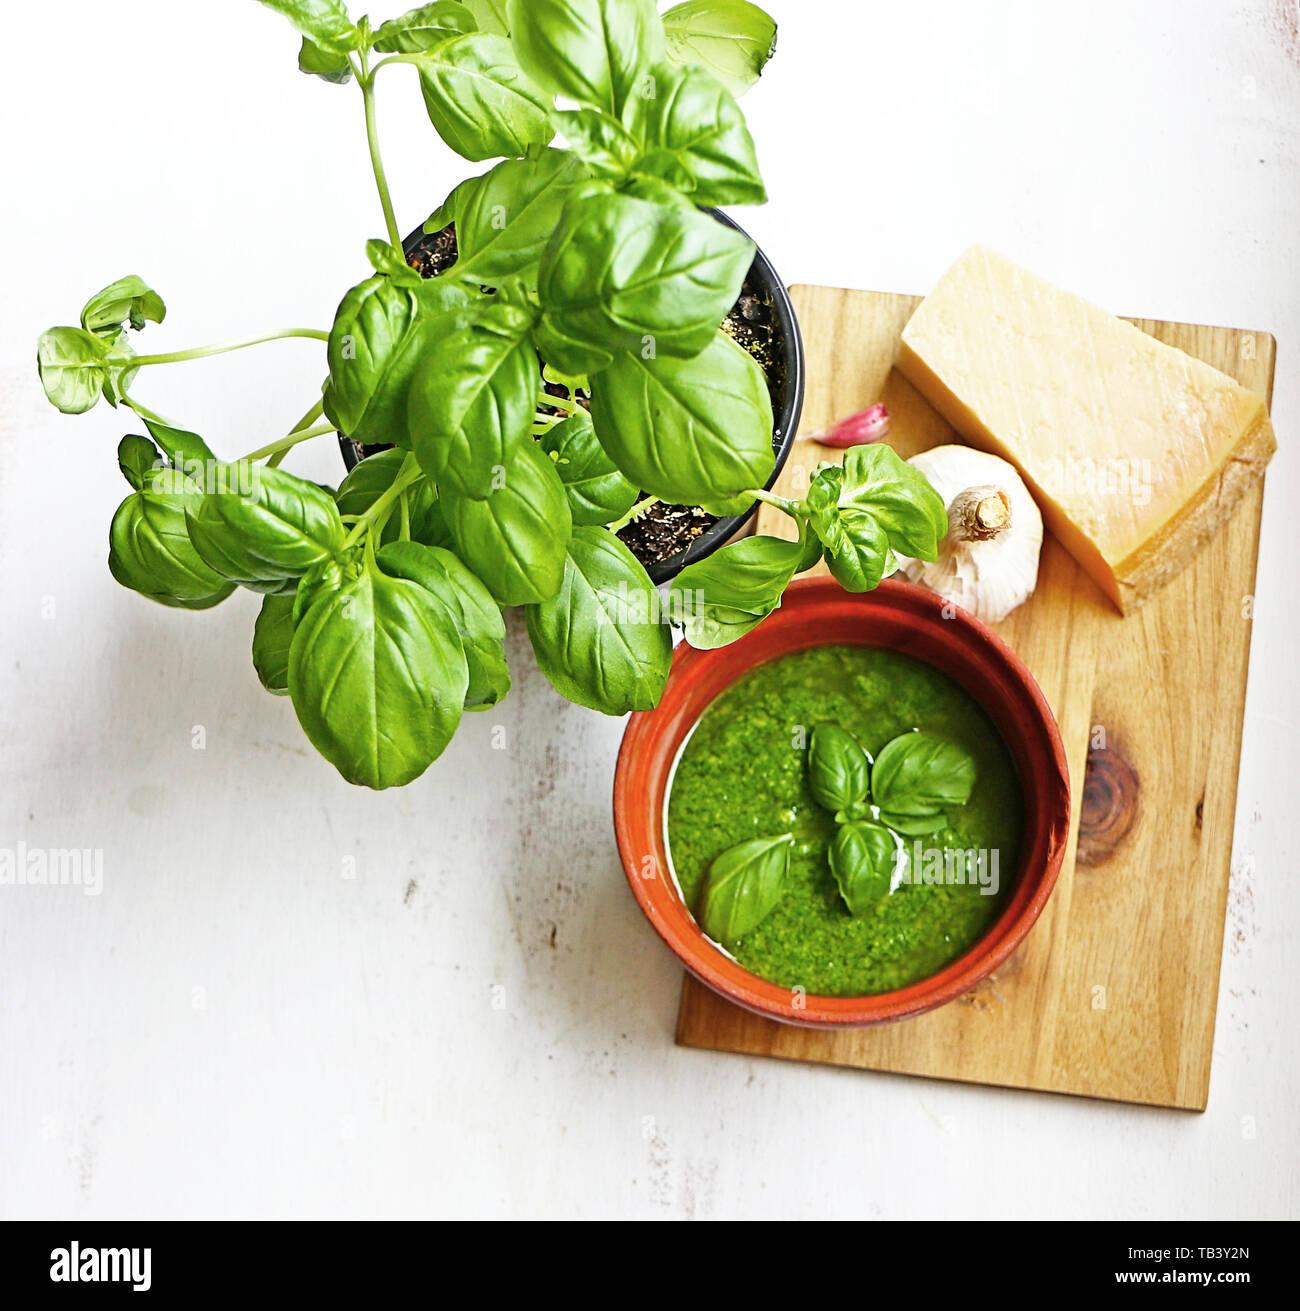 La cuisine méditerranéenne: sauce pesto Genovese fait maison avec les principaux ingrédients: feuilles fraîches de basilic, ail et Parmesan Banque D'Images